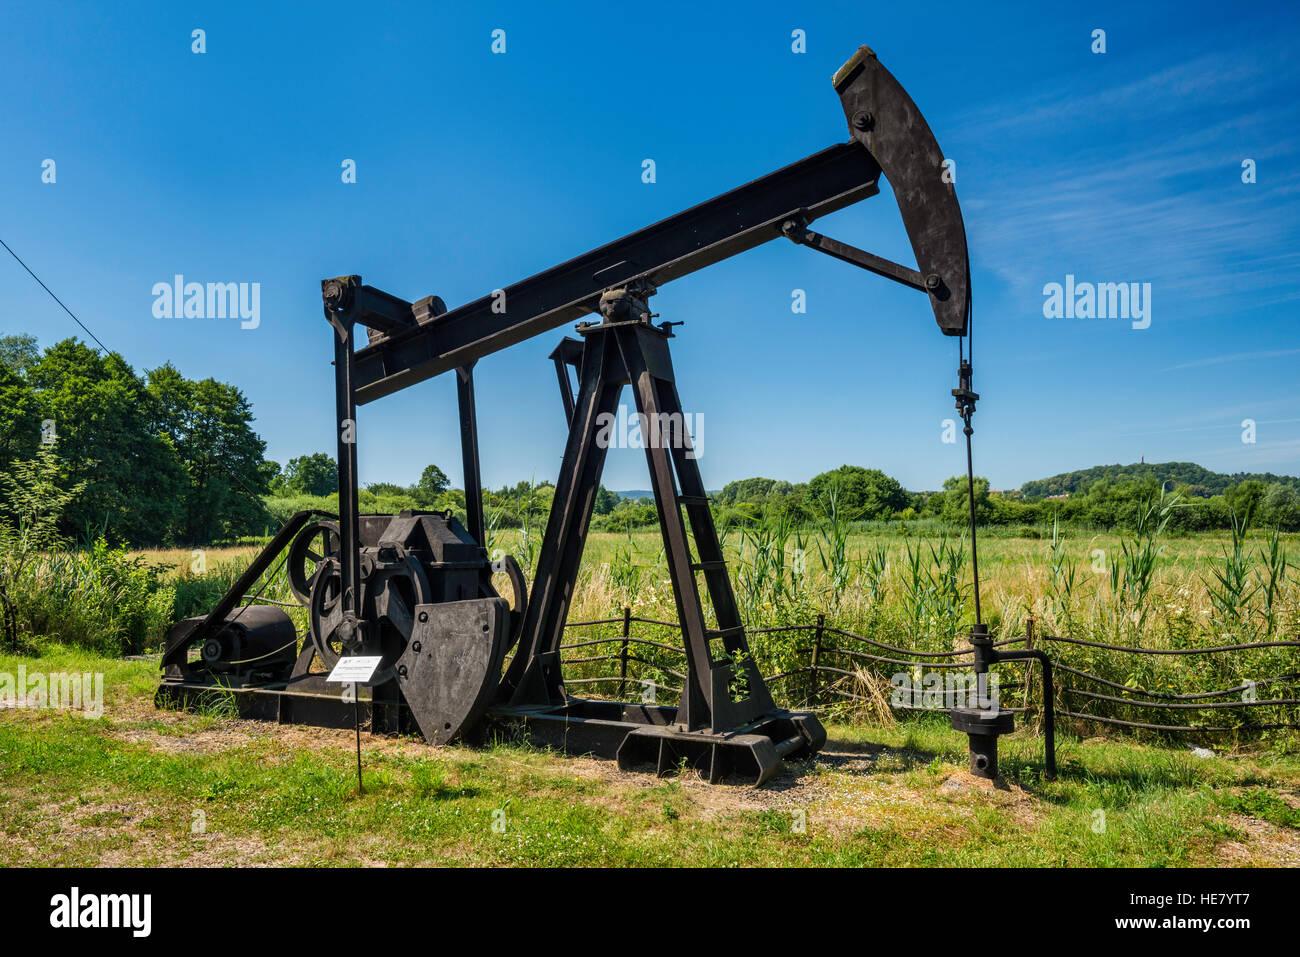 Carter izp 2000 huile et pompe à balancier, utilisé dans l'industrie du pétrole des puits, la Photo Stock